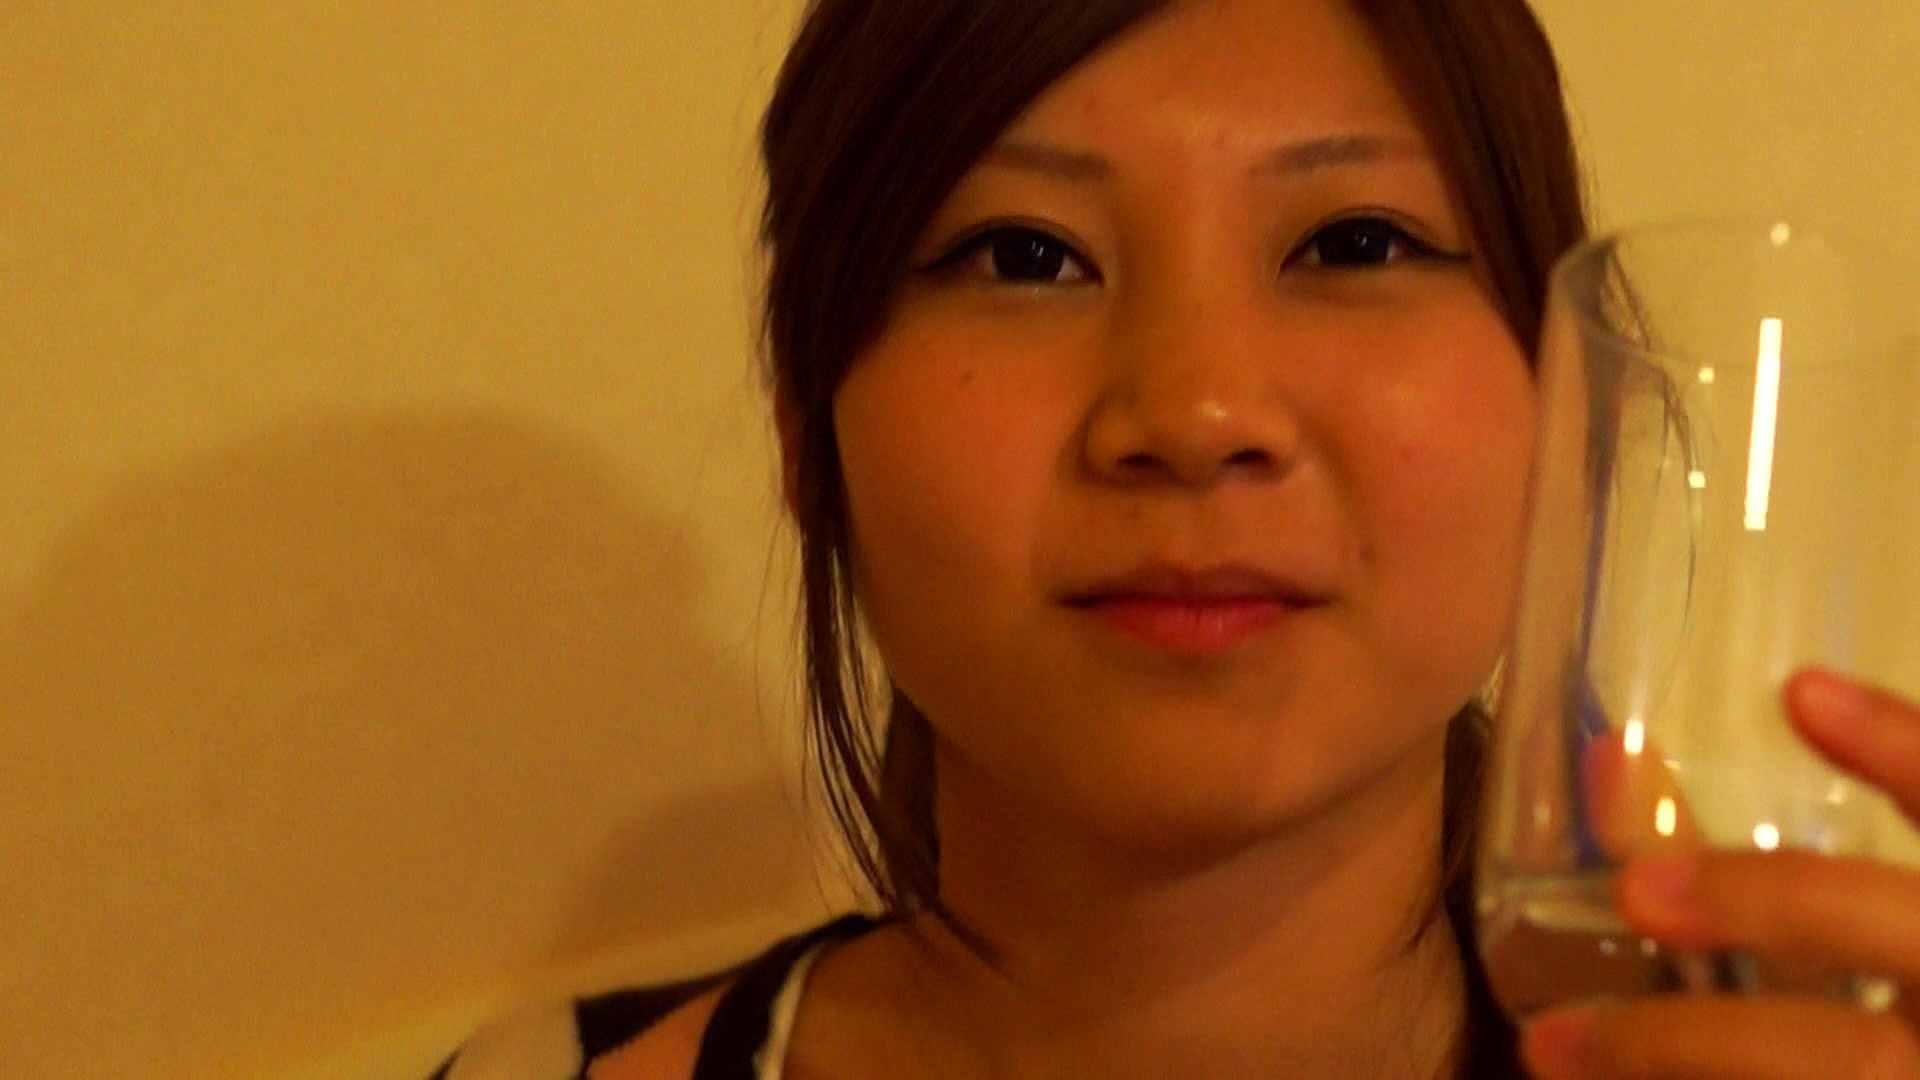 vol.12 瑞希ちゃんにコップを舐めてもらいました。 フェチ  88pic 36